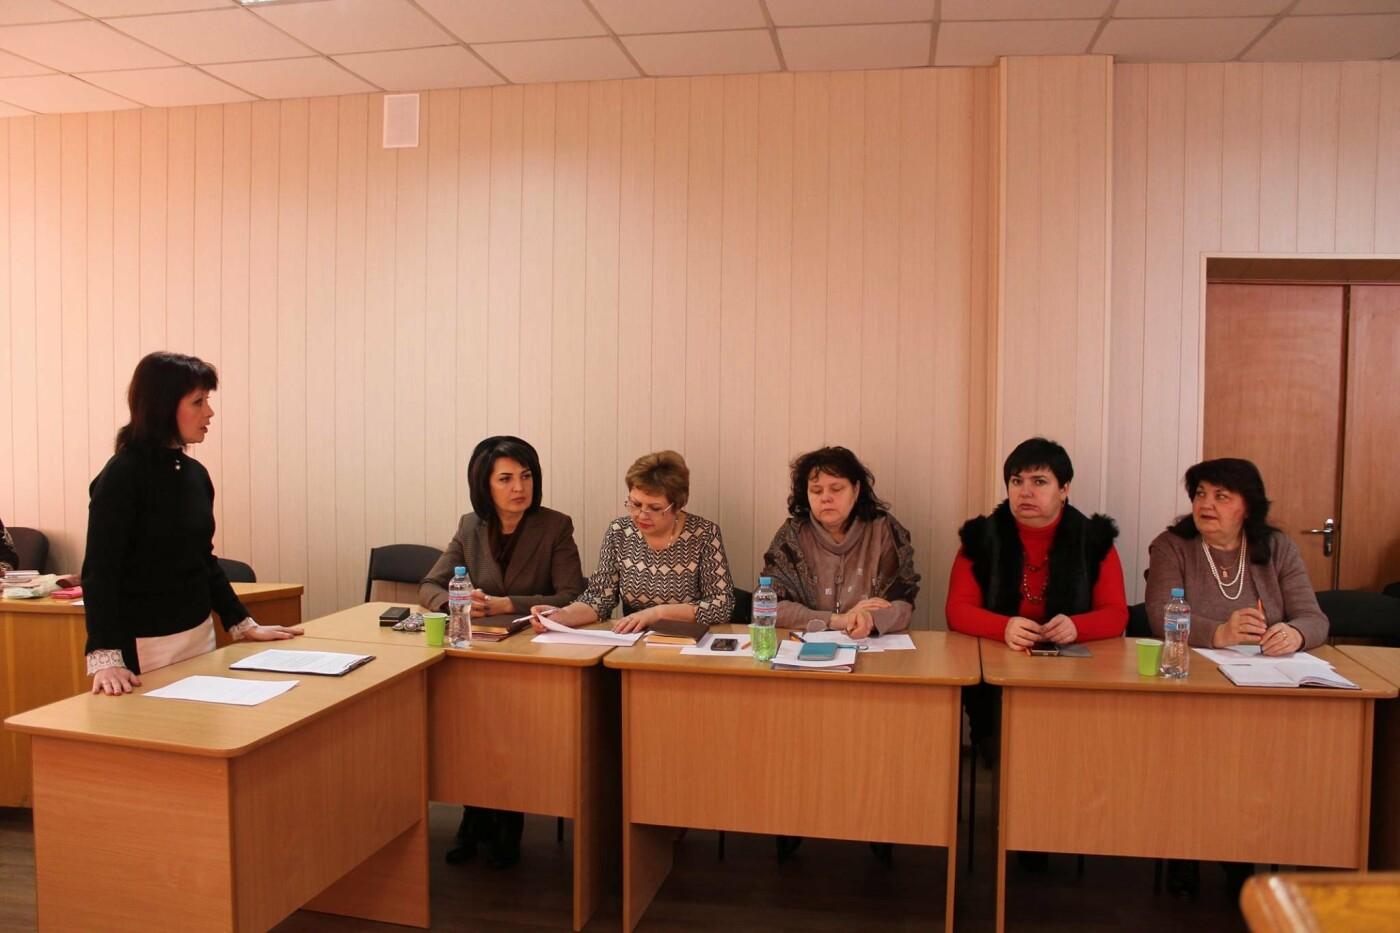 У Костянтинівському районі обрали переможця Олексиних читань, фото-2